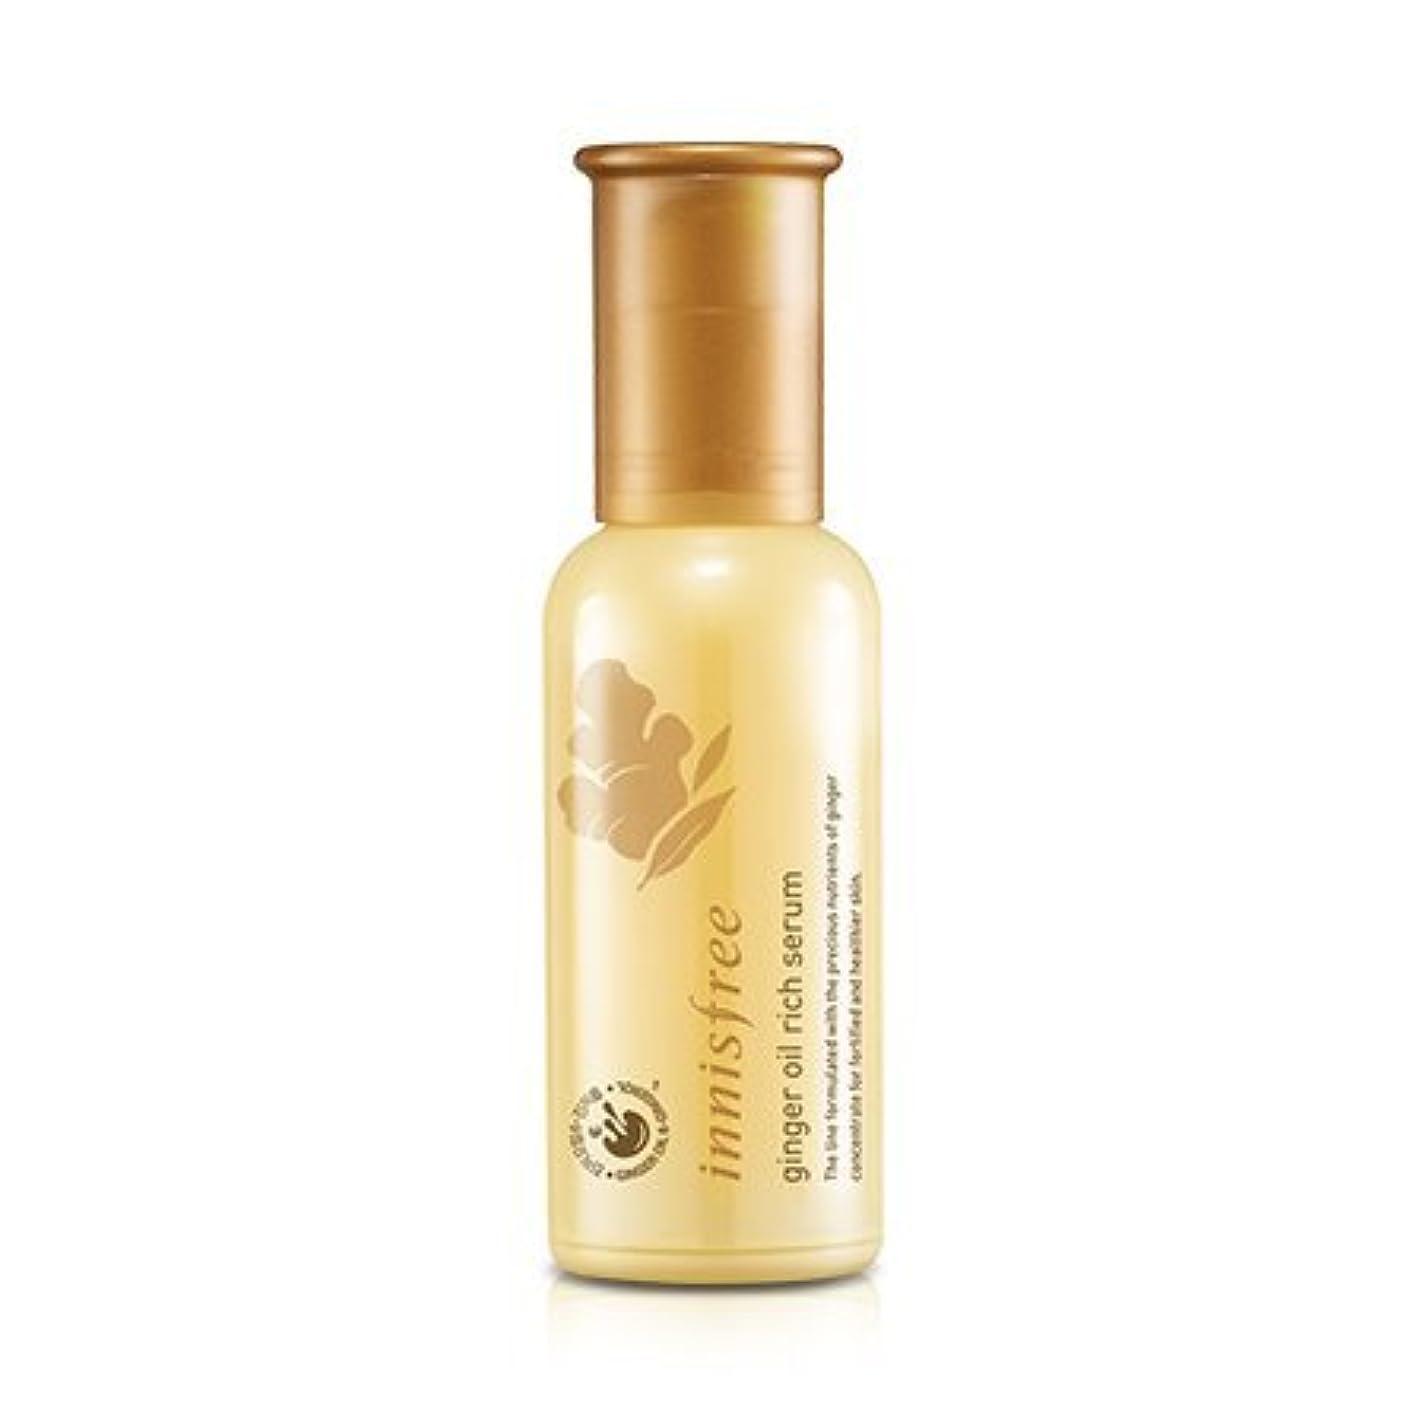 征服する何か期限innisfree(イニスフリー)] Ginger Oil Rich Serum 50ml ジンジャー オイル リッチ セラム [並行輸入品][海外直送品]